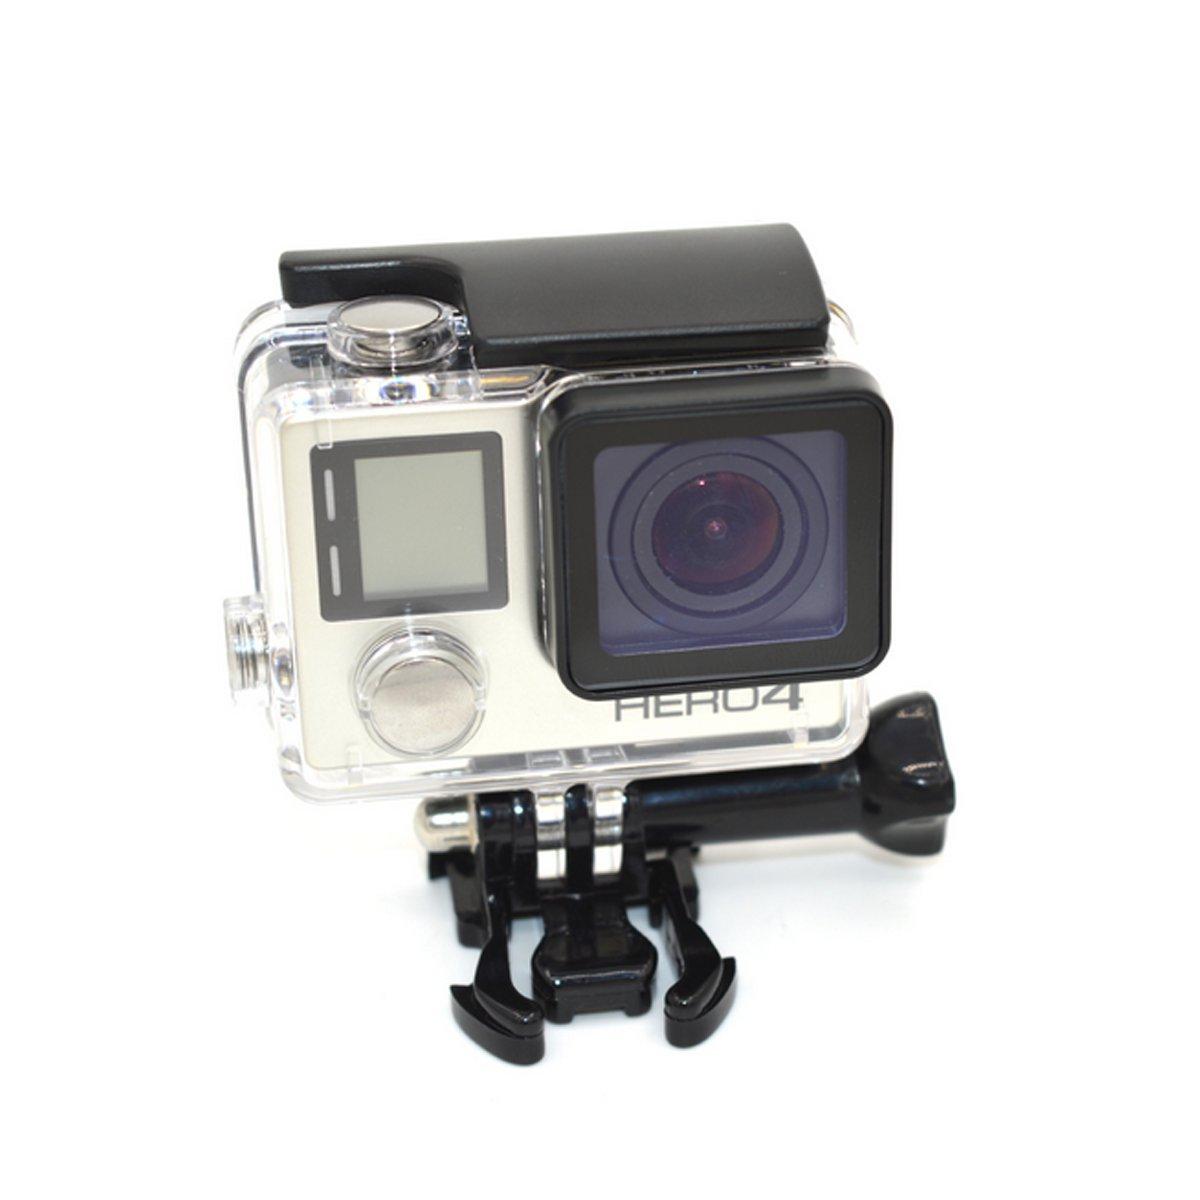 Flycoo Funda Cubierta impermeable Carcasa Gopro Hero 3 4 Con lente para GoPro Hero 3 + Hero 4 Cámara de acción con tornillo de fijación y Base ...